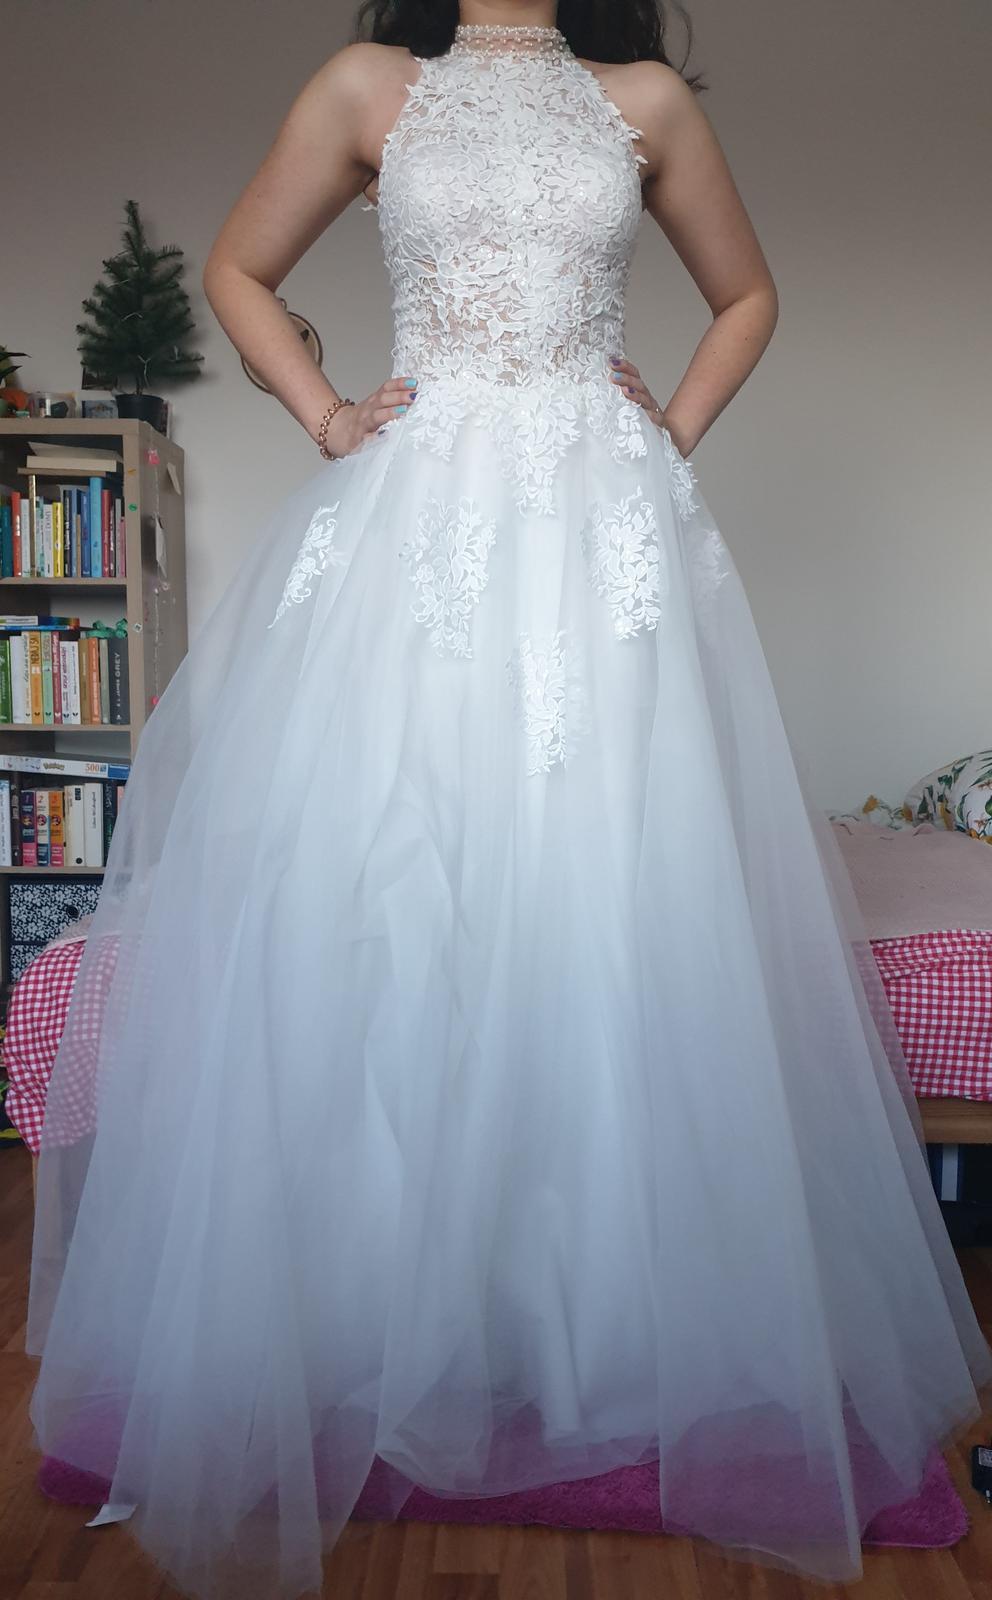 Svadobné šaty z EvaMária- nepoužité - Obrázok č. 2